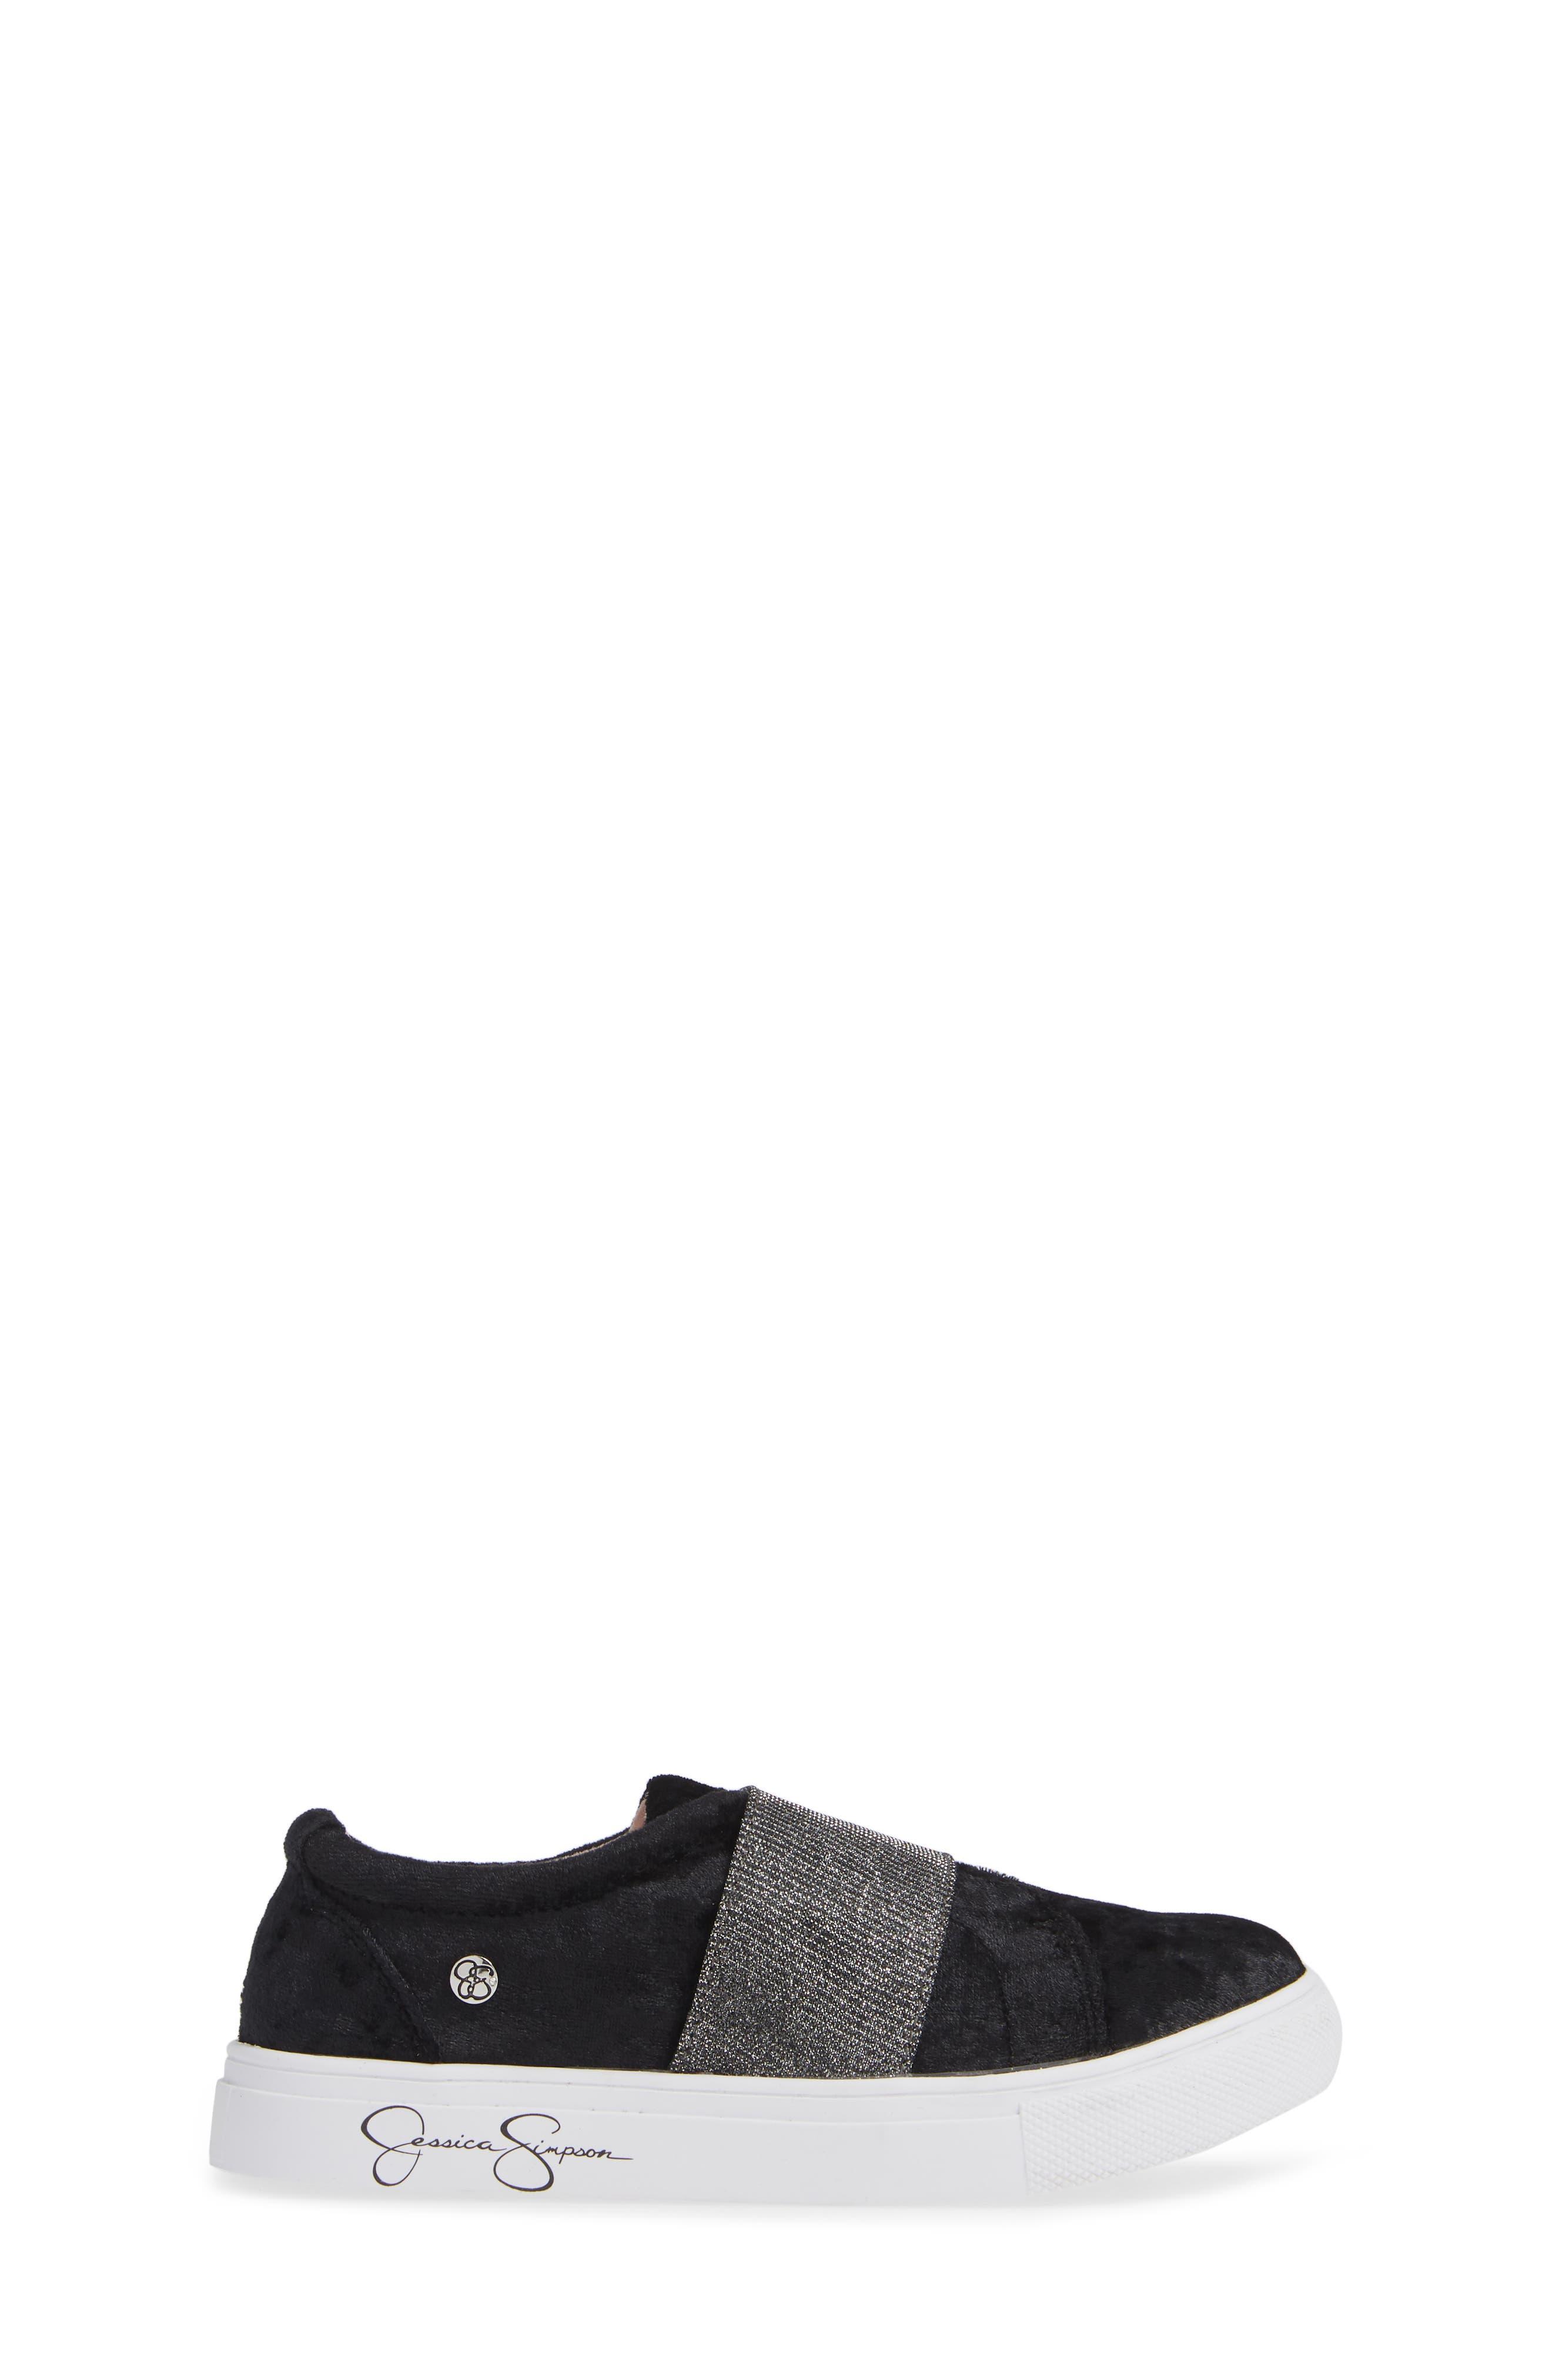 Sparkle Slip-On Sneaker,                             Alternate thumbnail 3, color,                             BLACK CRUSHED VELVET